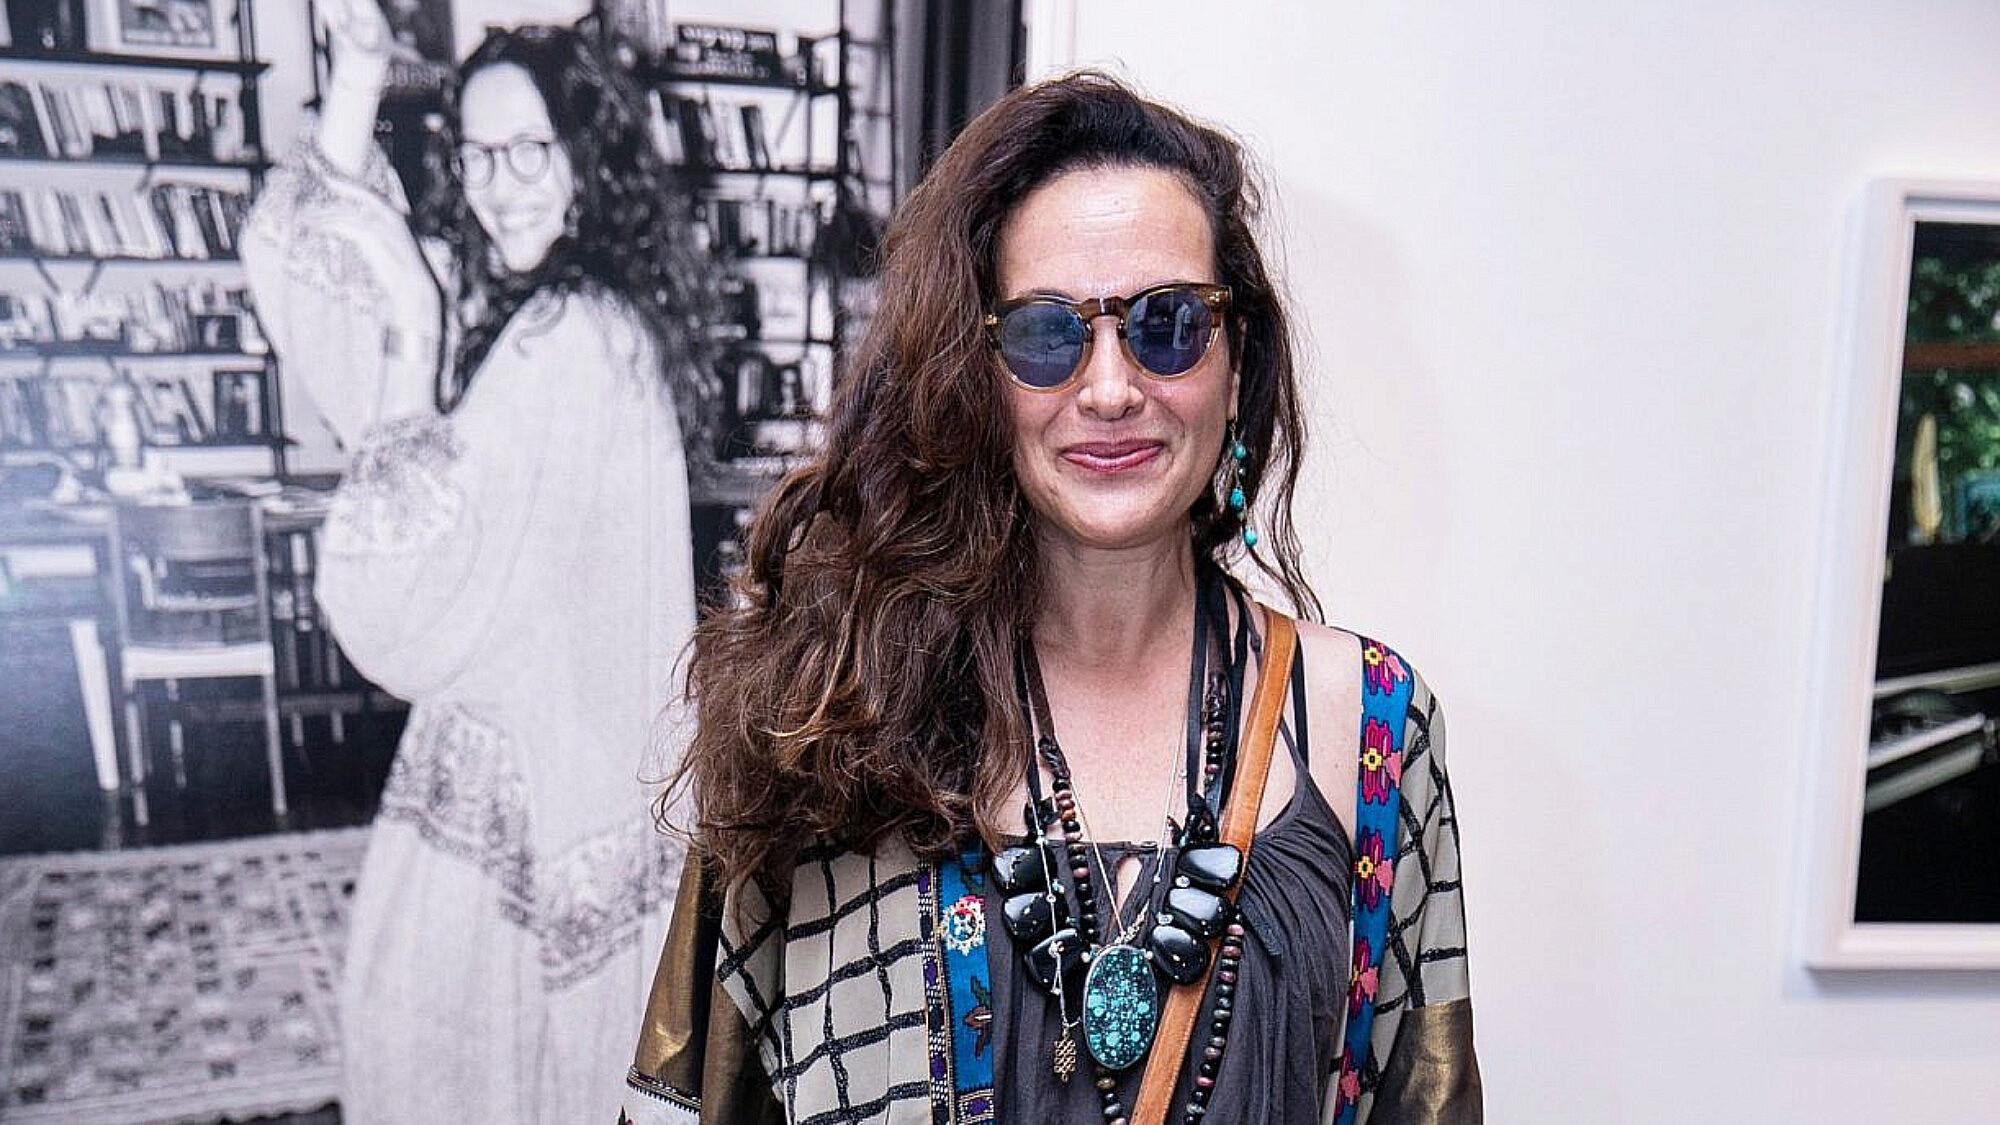 יעל אבקסיס בתערוכה של דודי חסון. ג'ינס וגופיה: אתא, קימונו: טובהלה | צילום: לנס הפקות